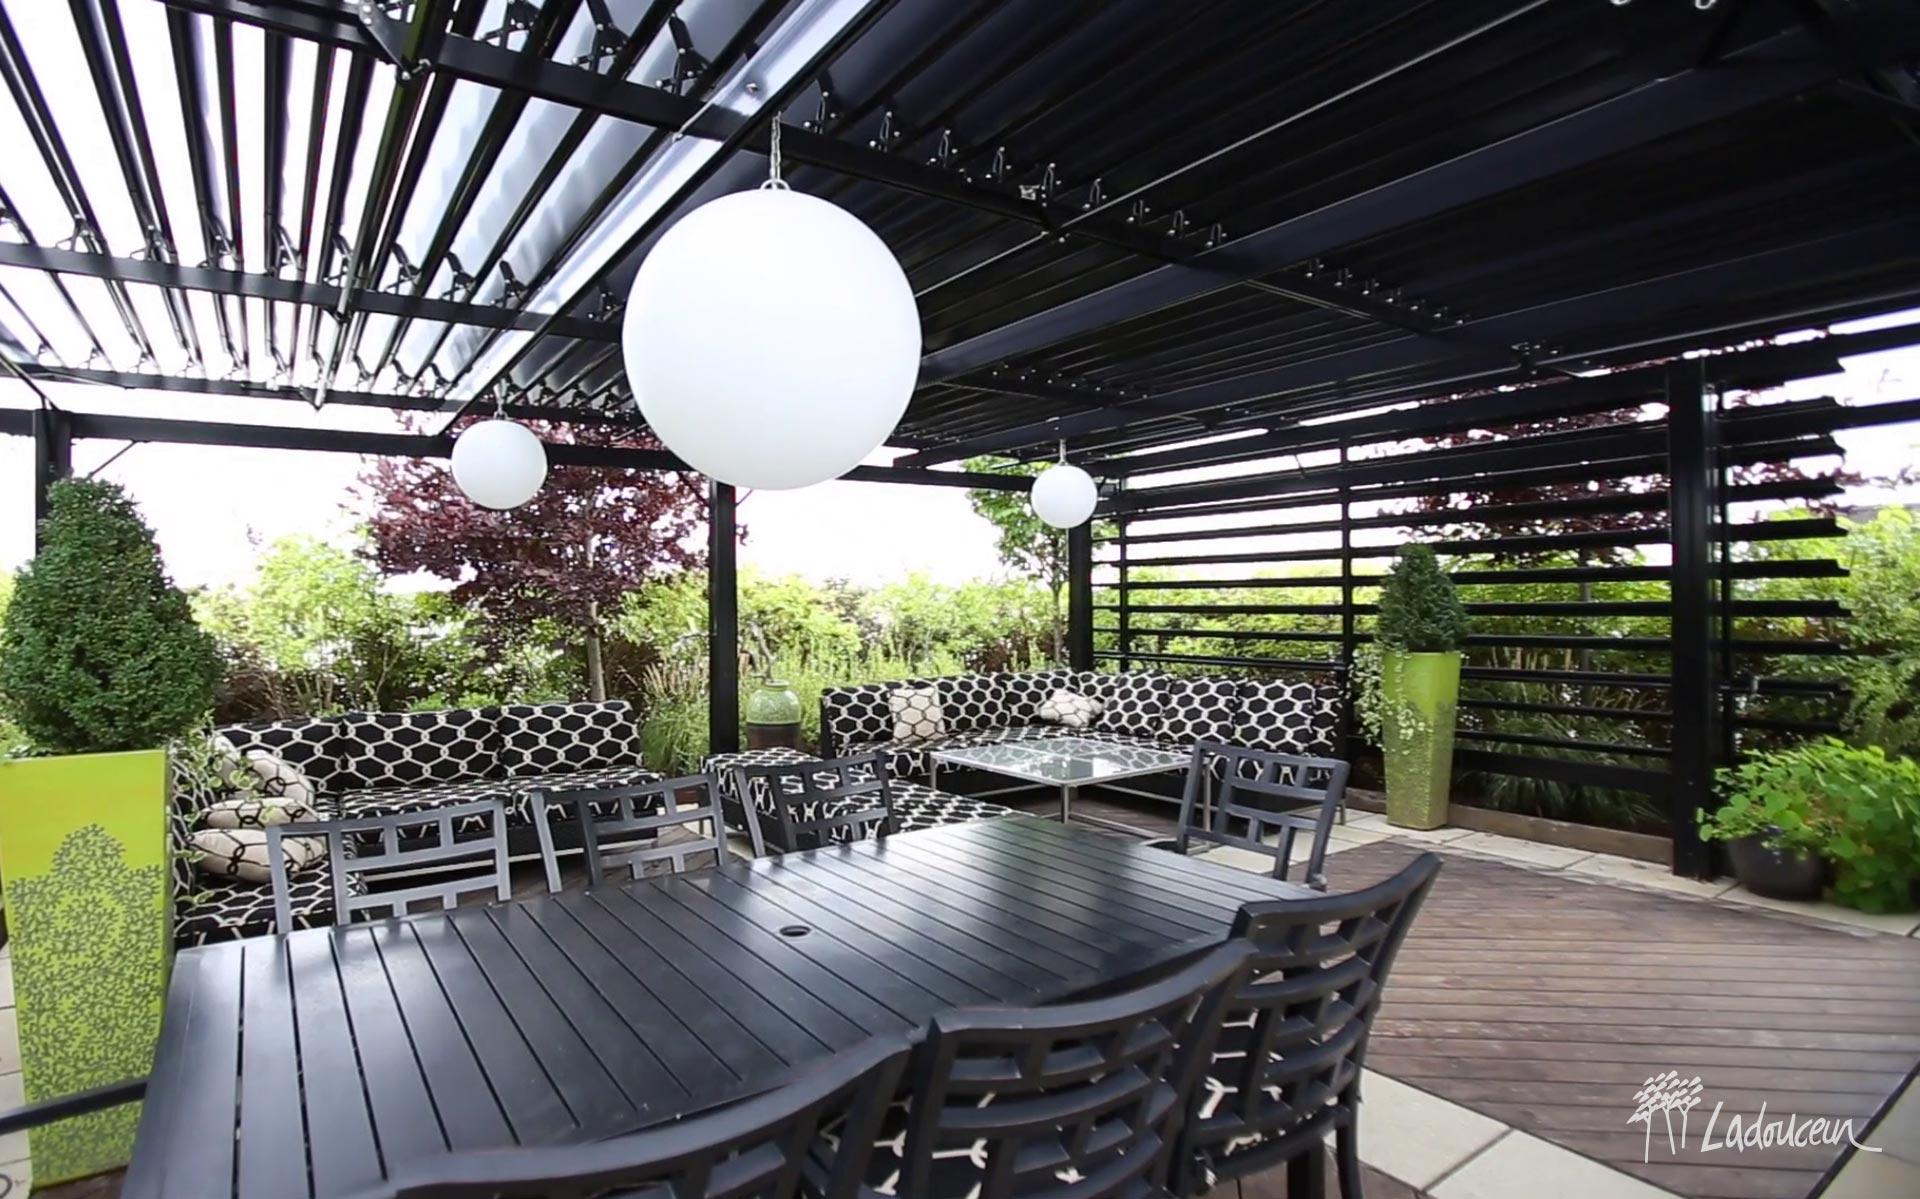 Terrasse, toit vert Soprema, pergola SunLouvre à lames orientables en aluminium, mobilier de jardin haut de gamme, mobilier sectionnel, terrasse en pavé et béton et bois composite, réalisation Ladouceur Paysagiste